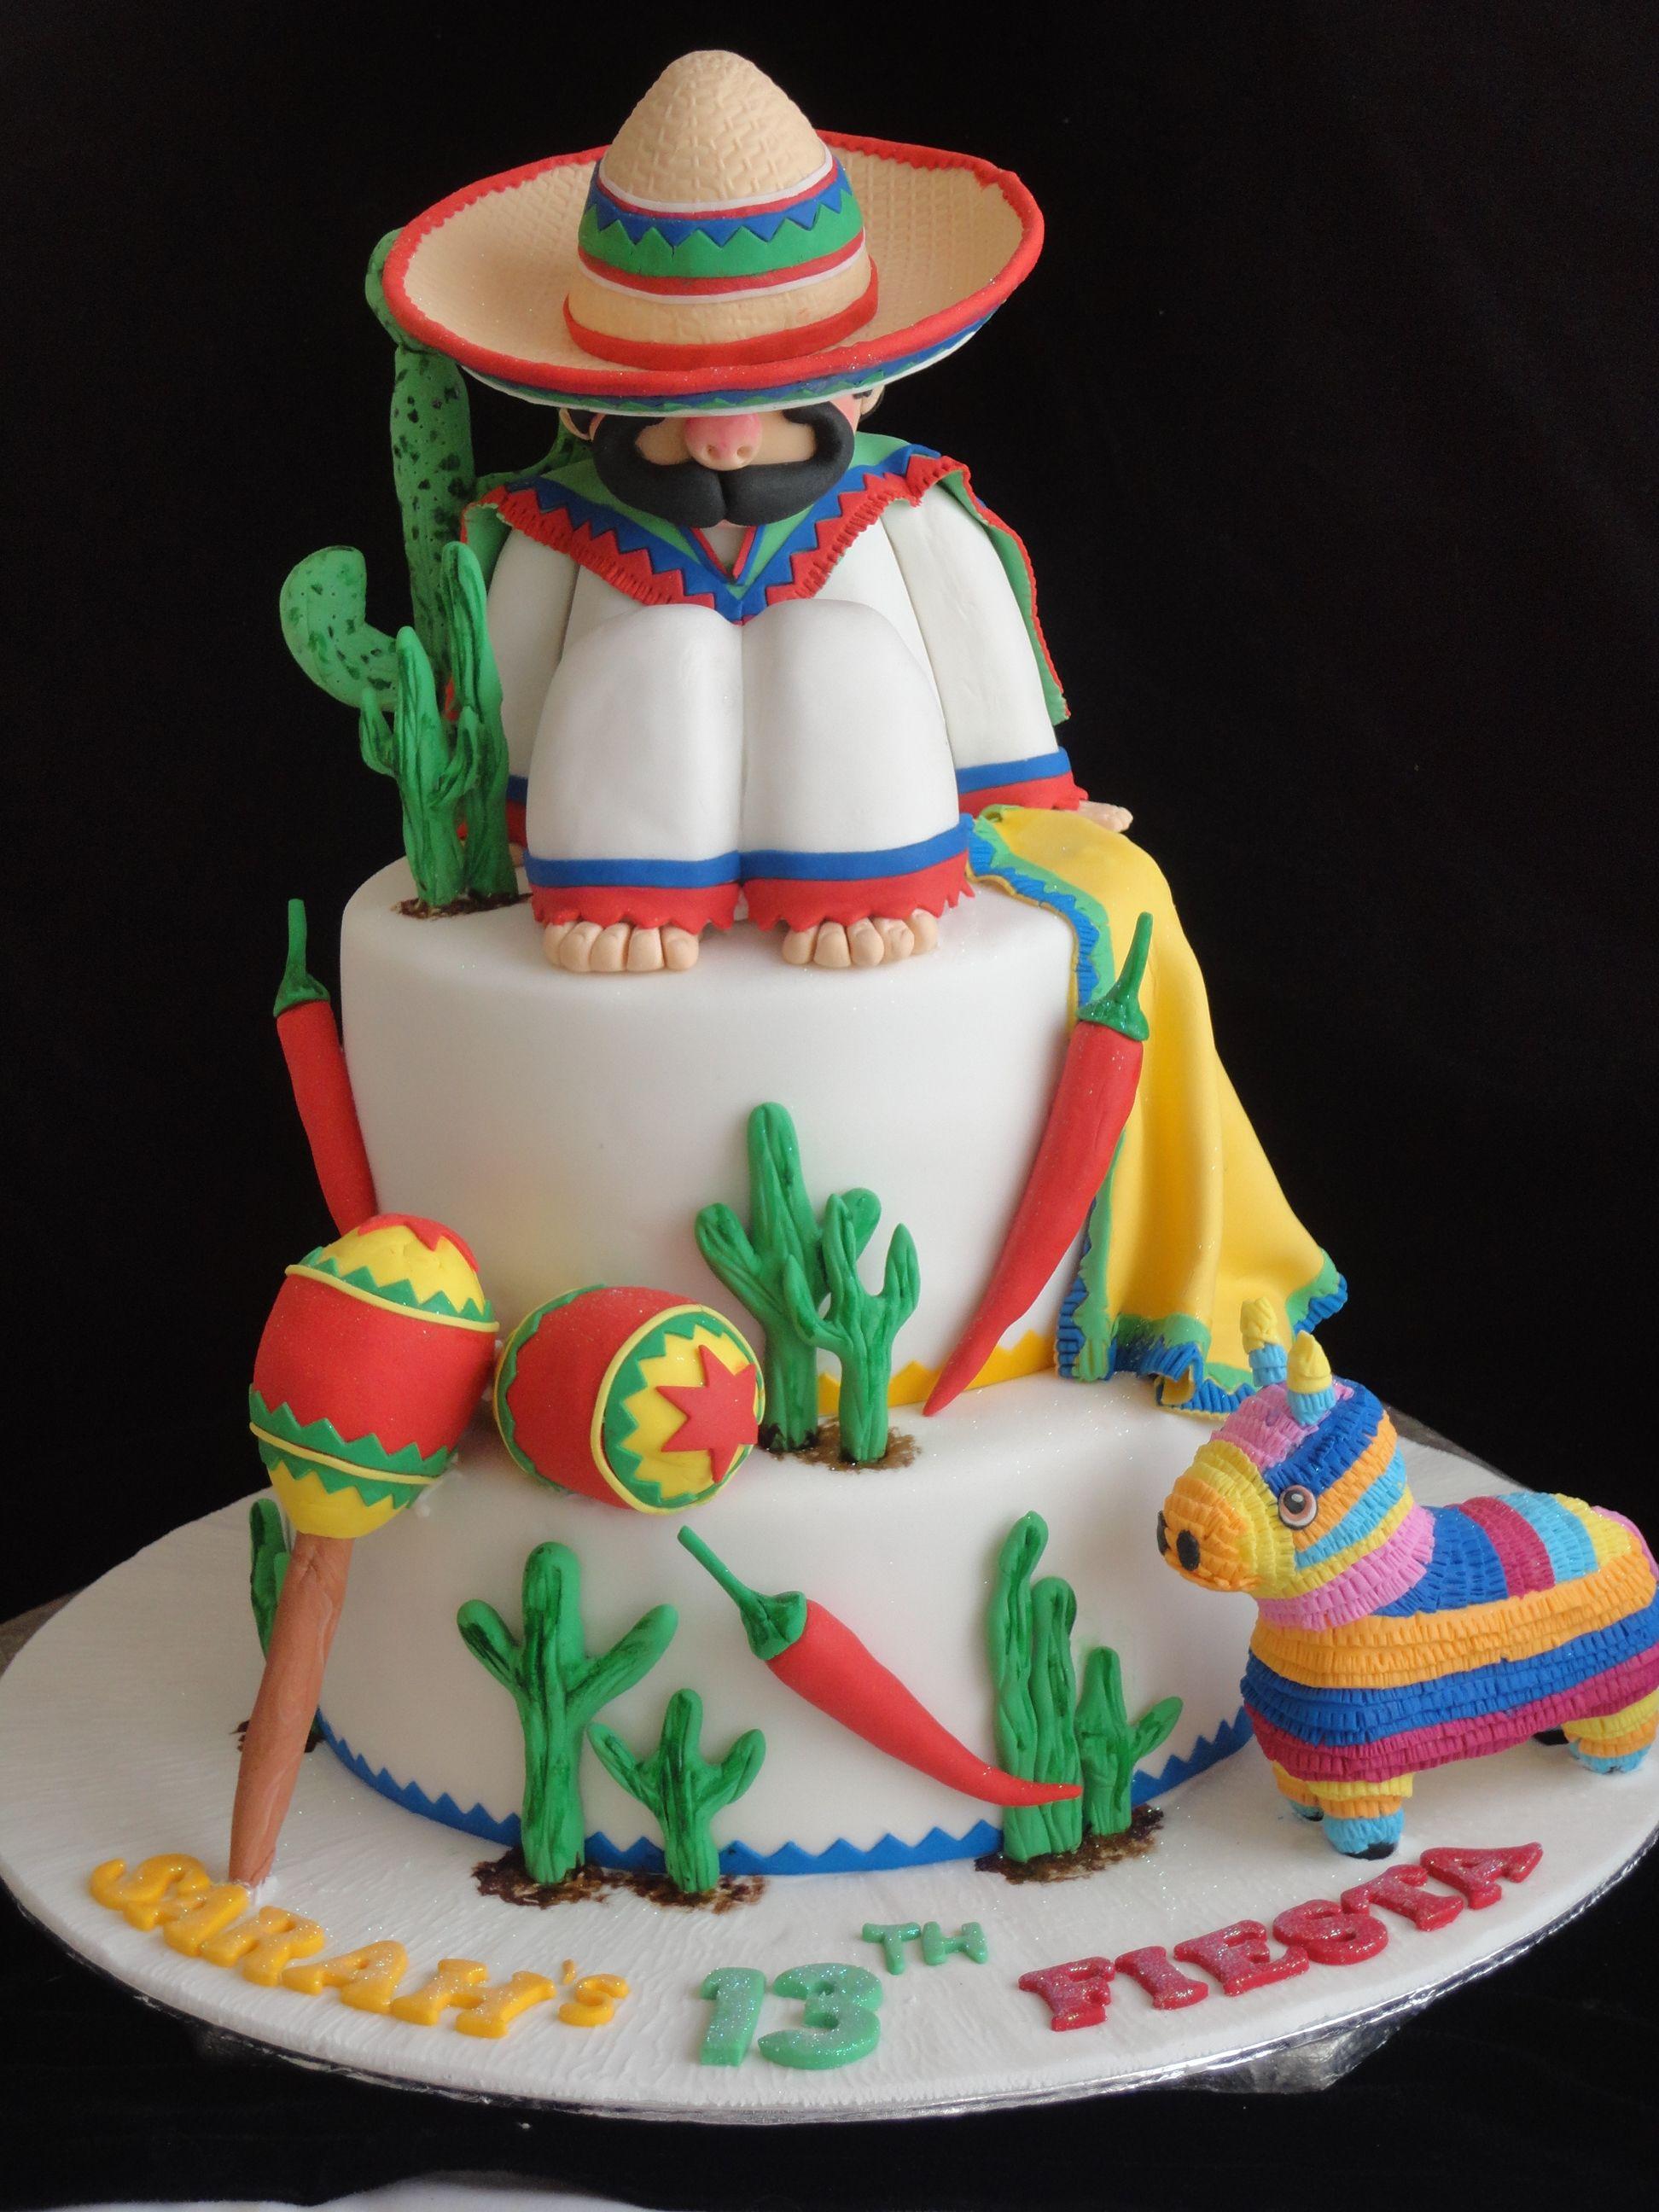 Mexican Theme Cake Cinco De Mayo Fiesta Entertaining